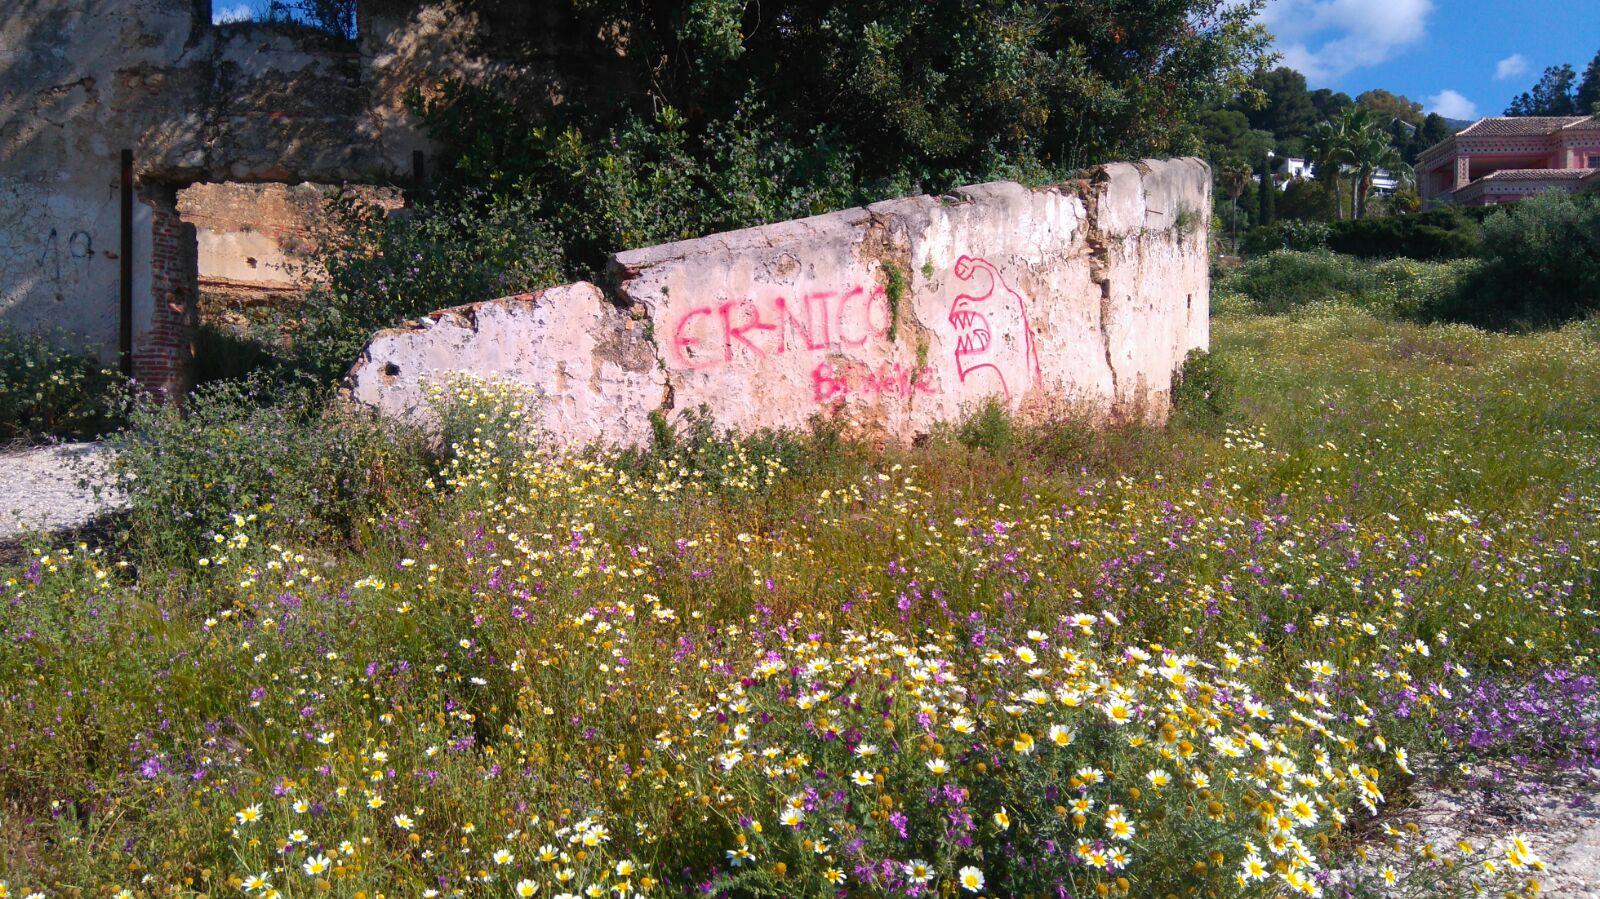 Nuevos actos vandálicos con más graffitis en el Trapiche del Prado